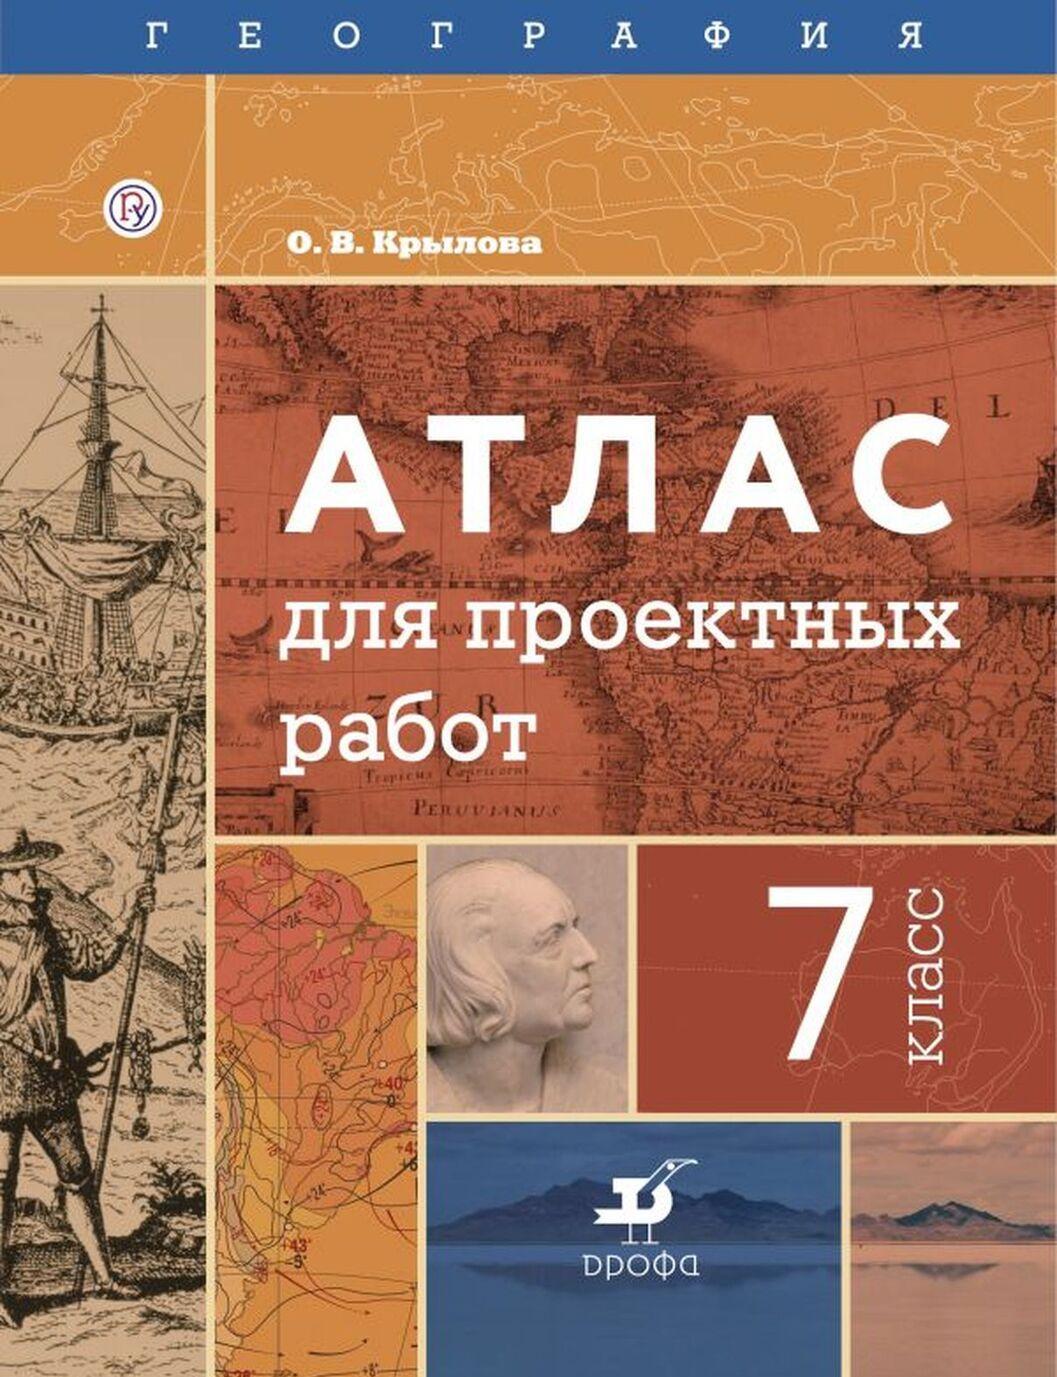 Geografija. 7 klass. Atlas dlja proektnykh rabot | Krylova Olga Vadimovna